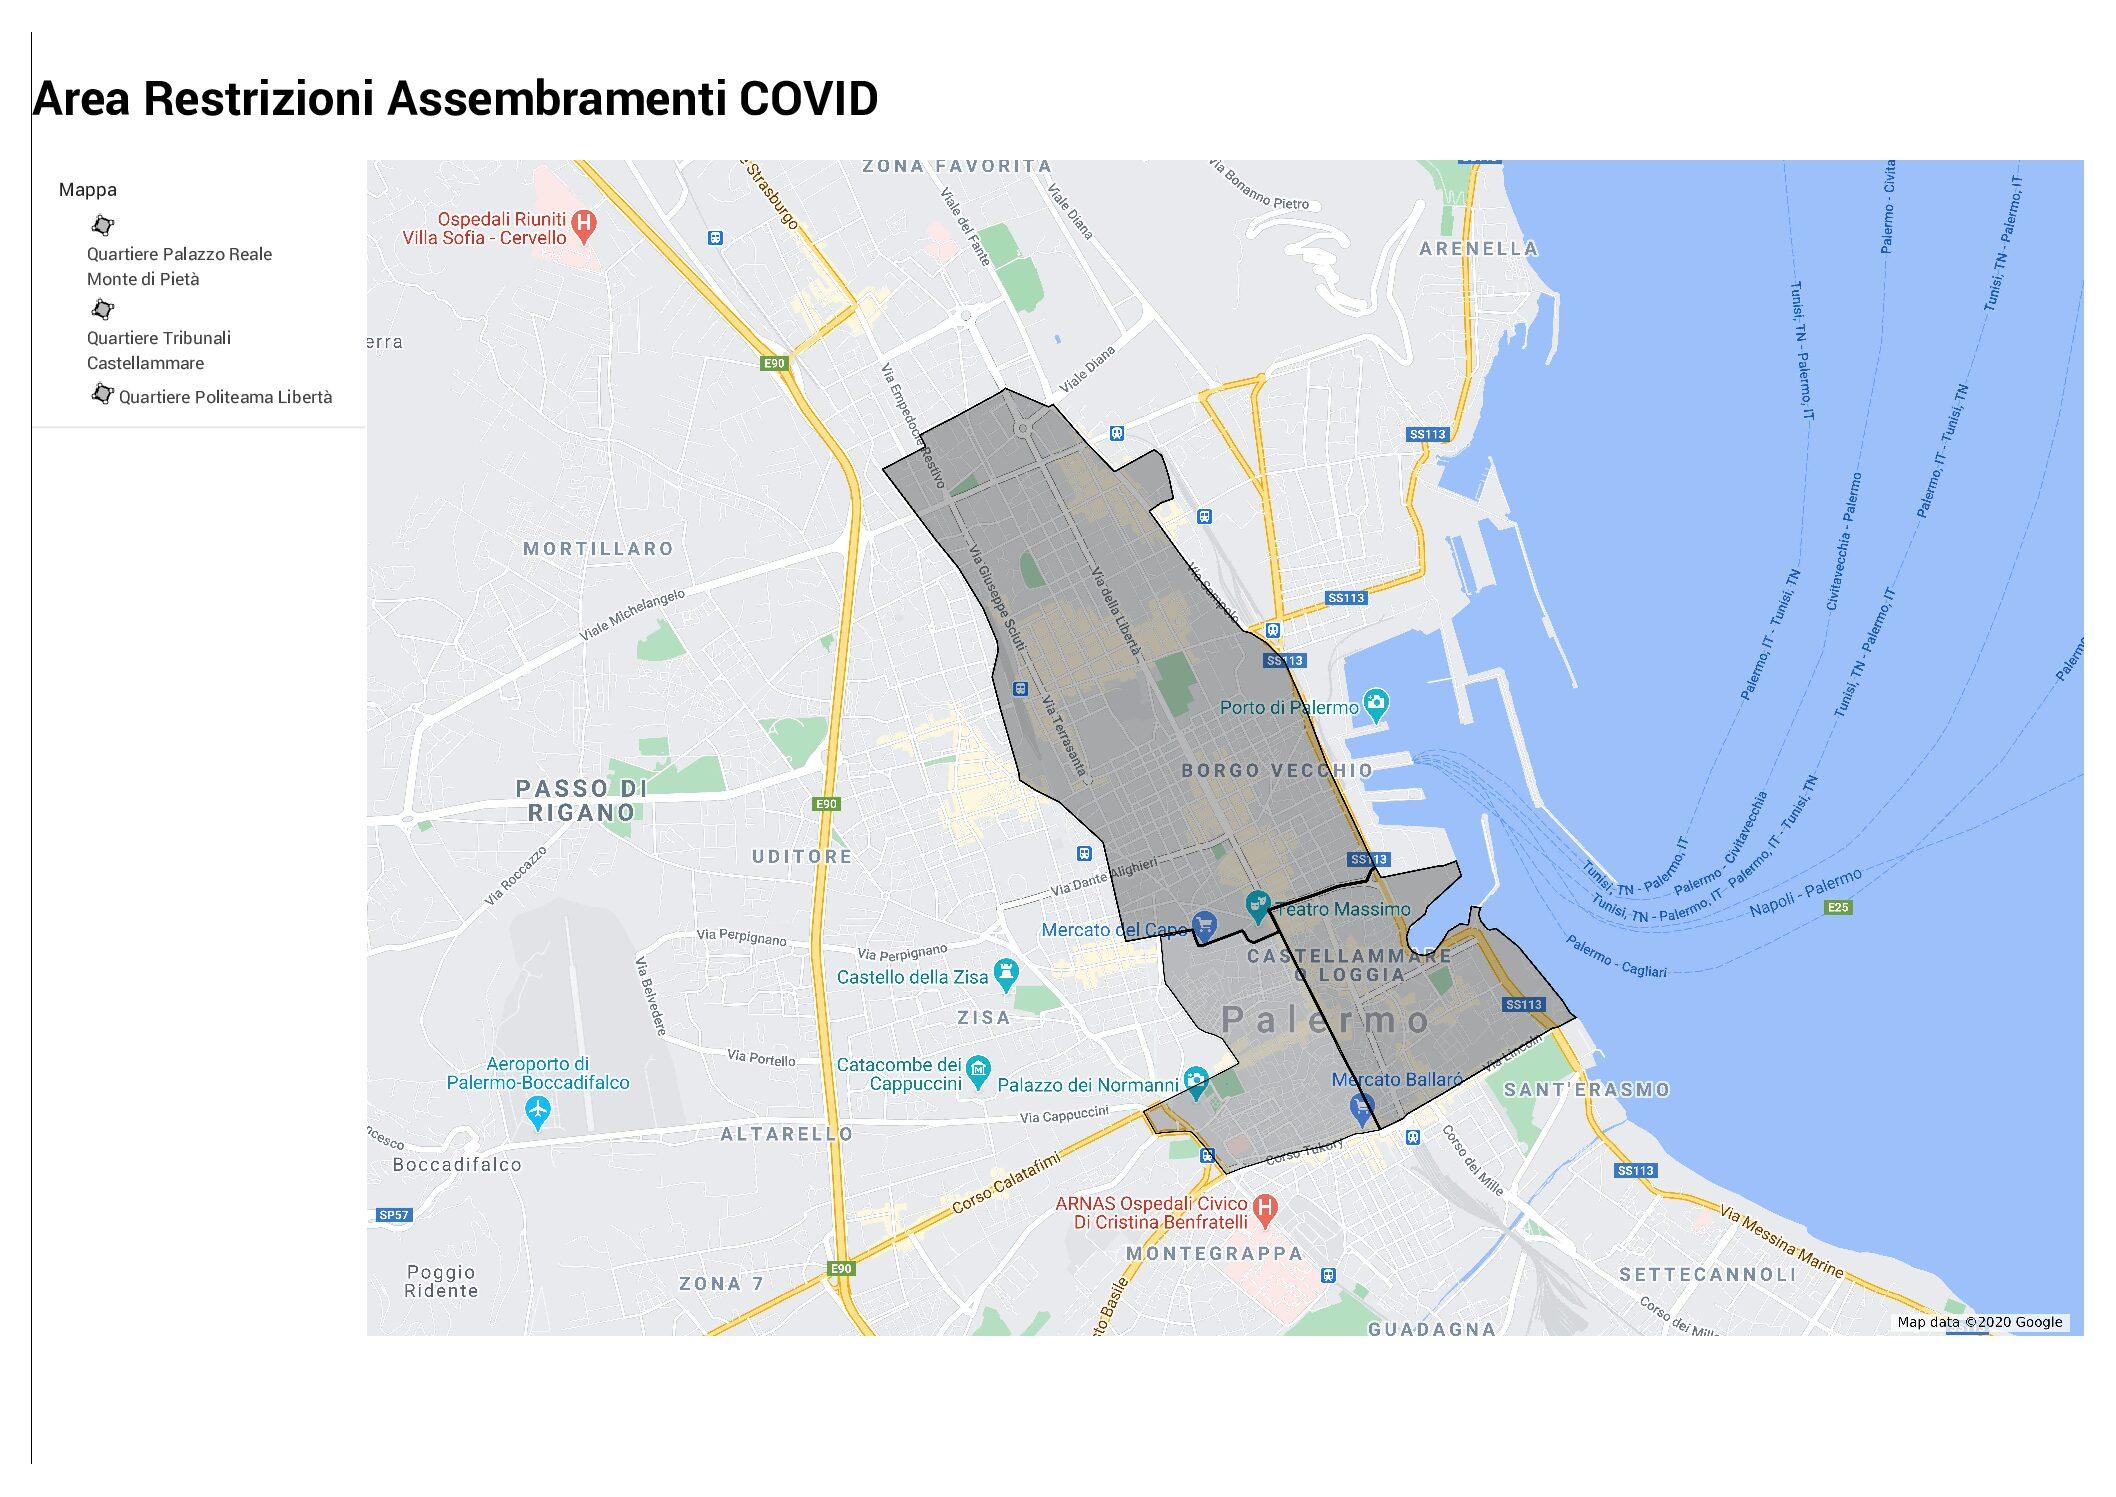 Palermo, divieto di stazionamento dalle 21 alle 5 nel centro cittadino: ecco quali sono le zone interessate